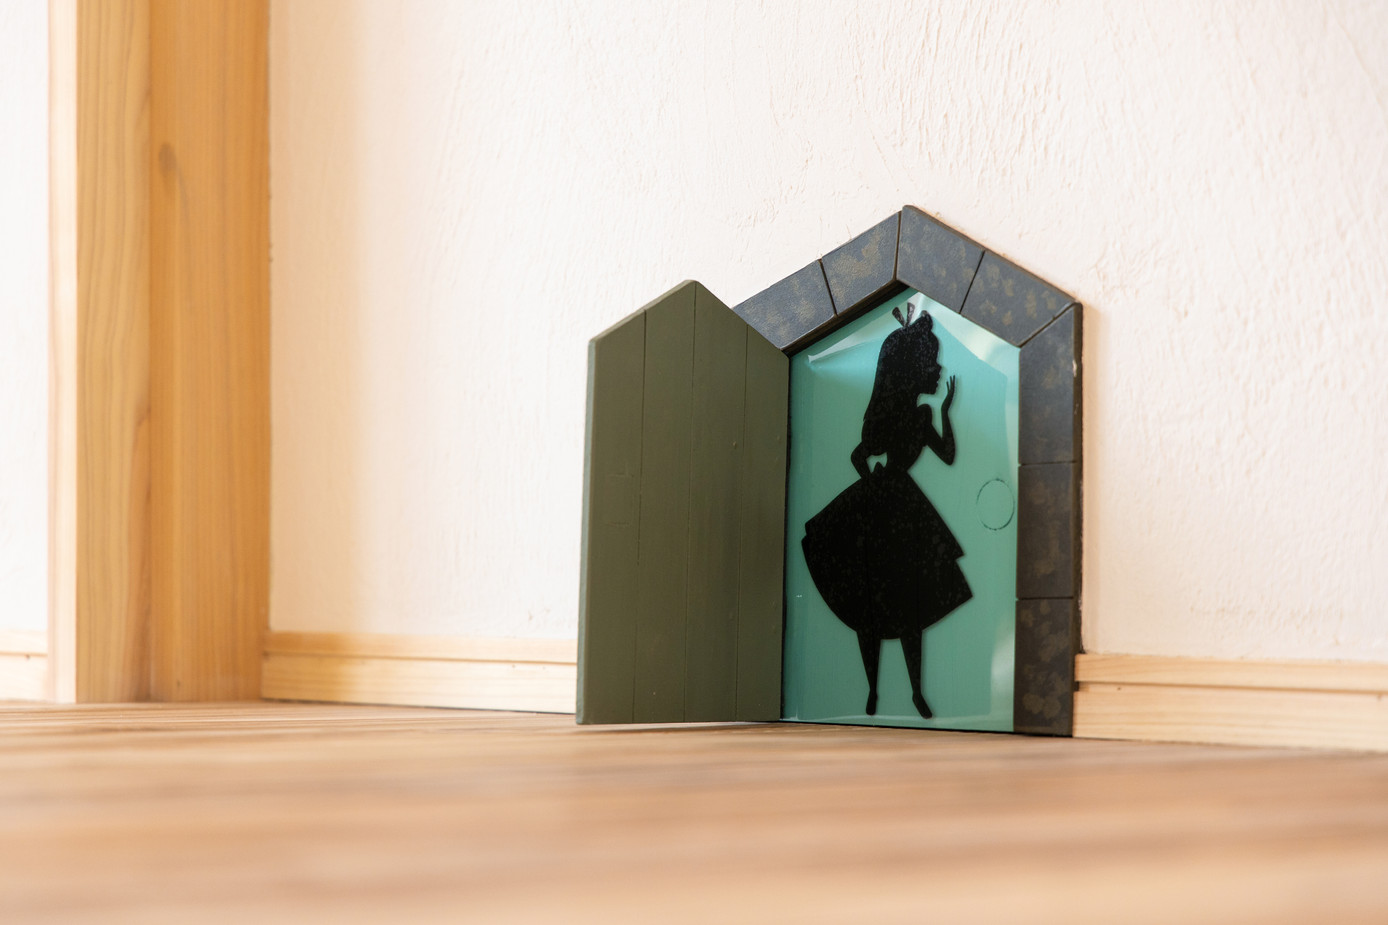 アリス好きのお客様のために 壁にはちょっとした仕掛けも。